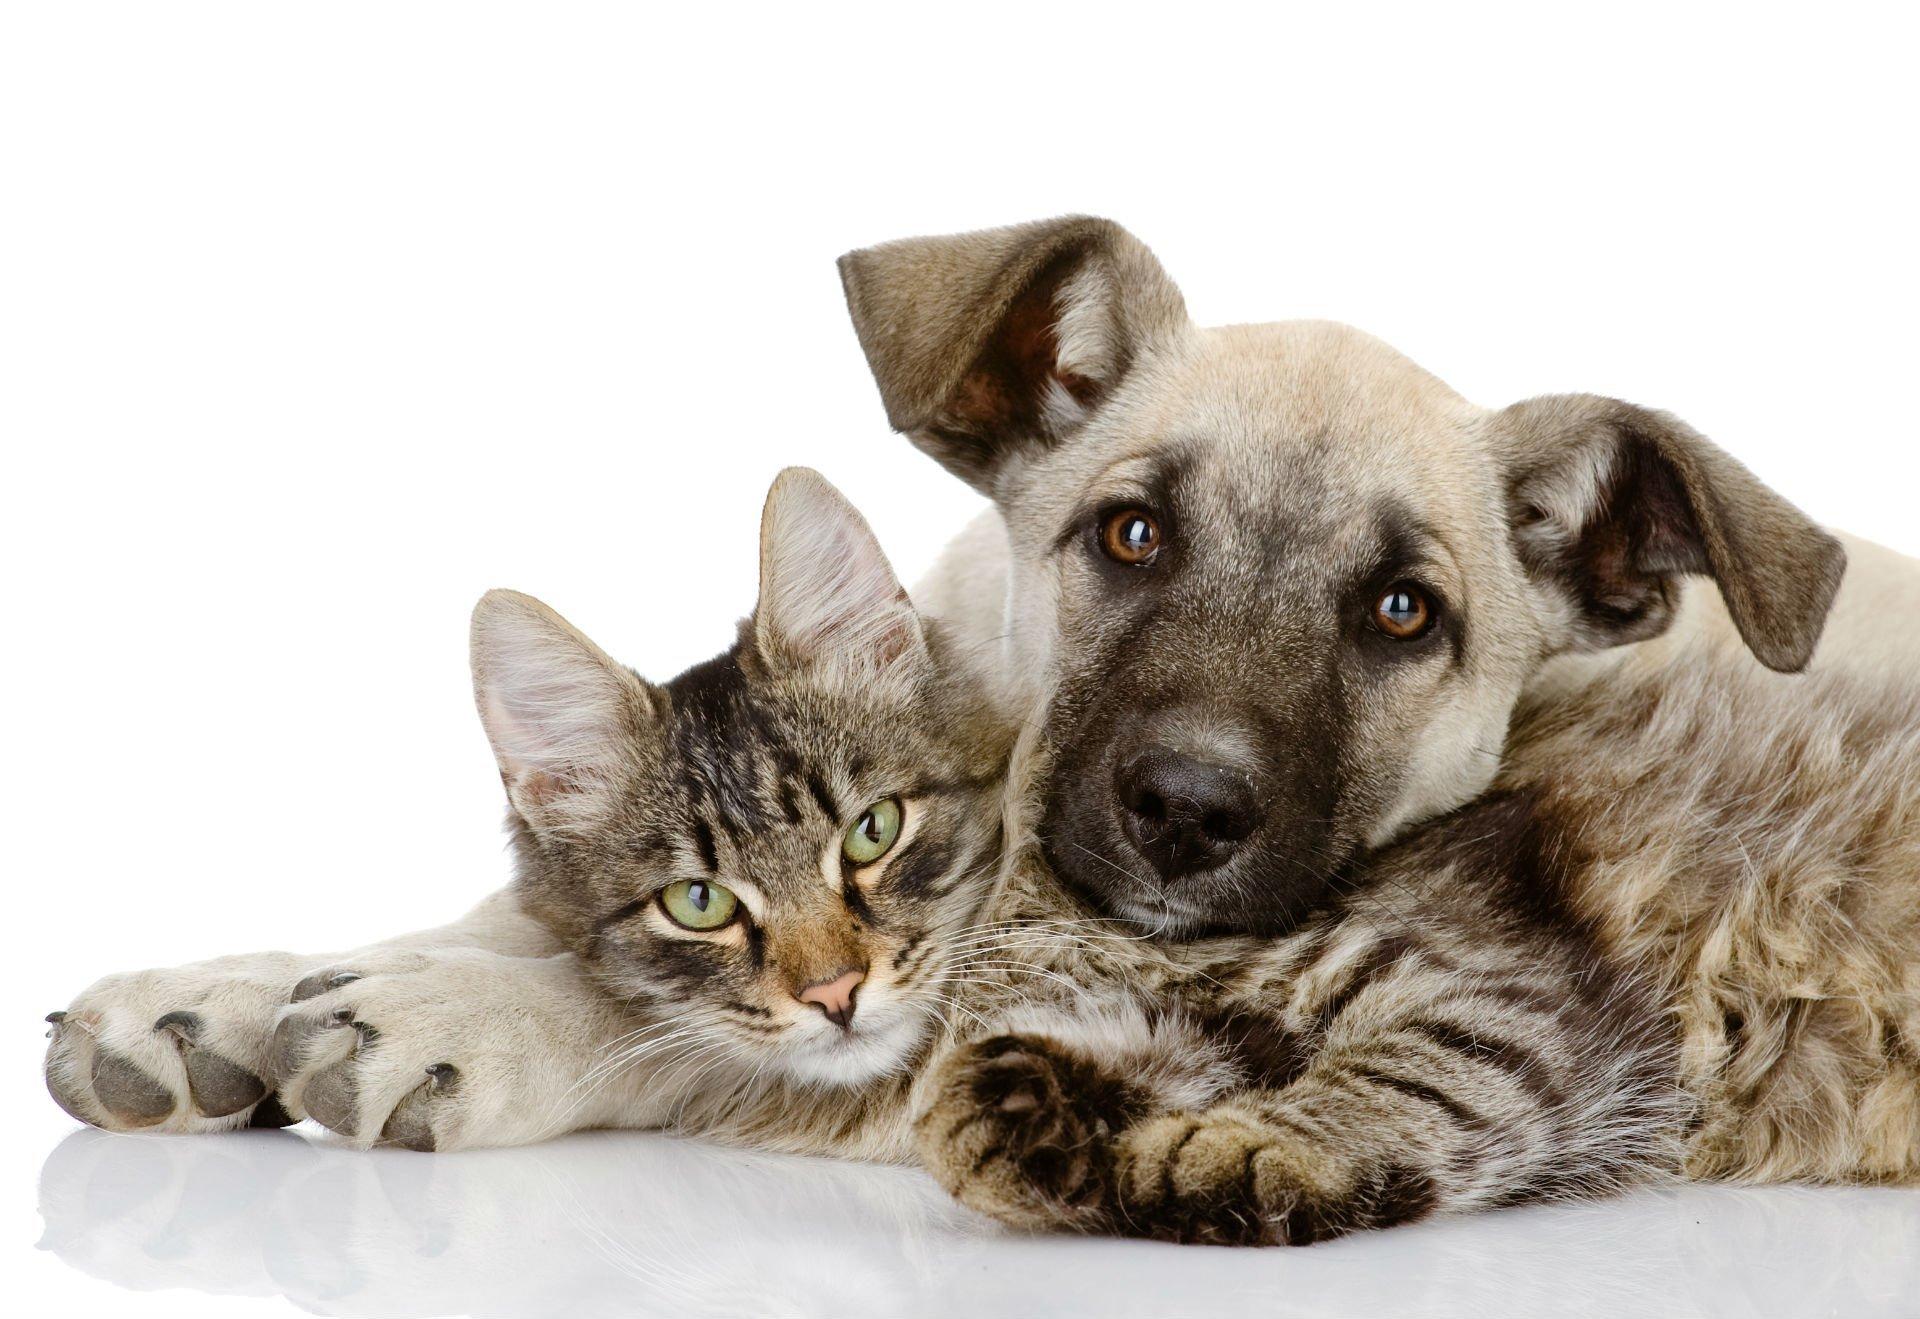 un cane e un gatto  sdraiati assieme